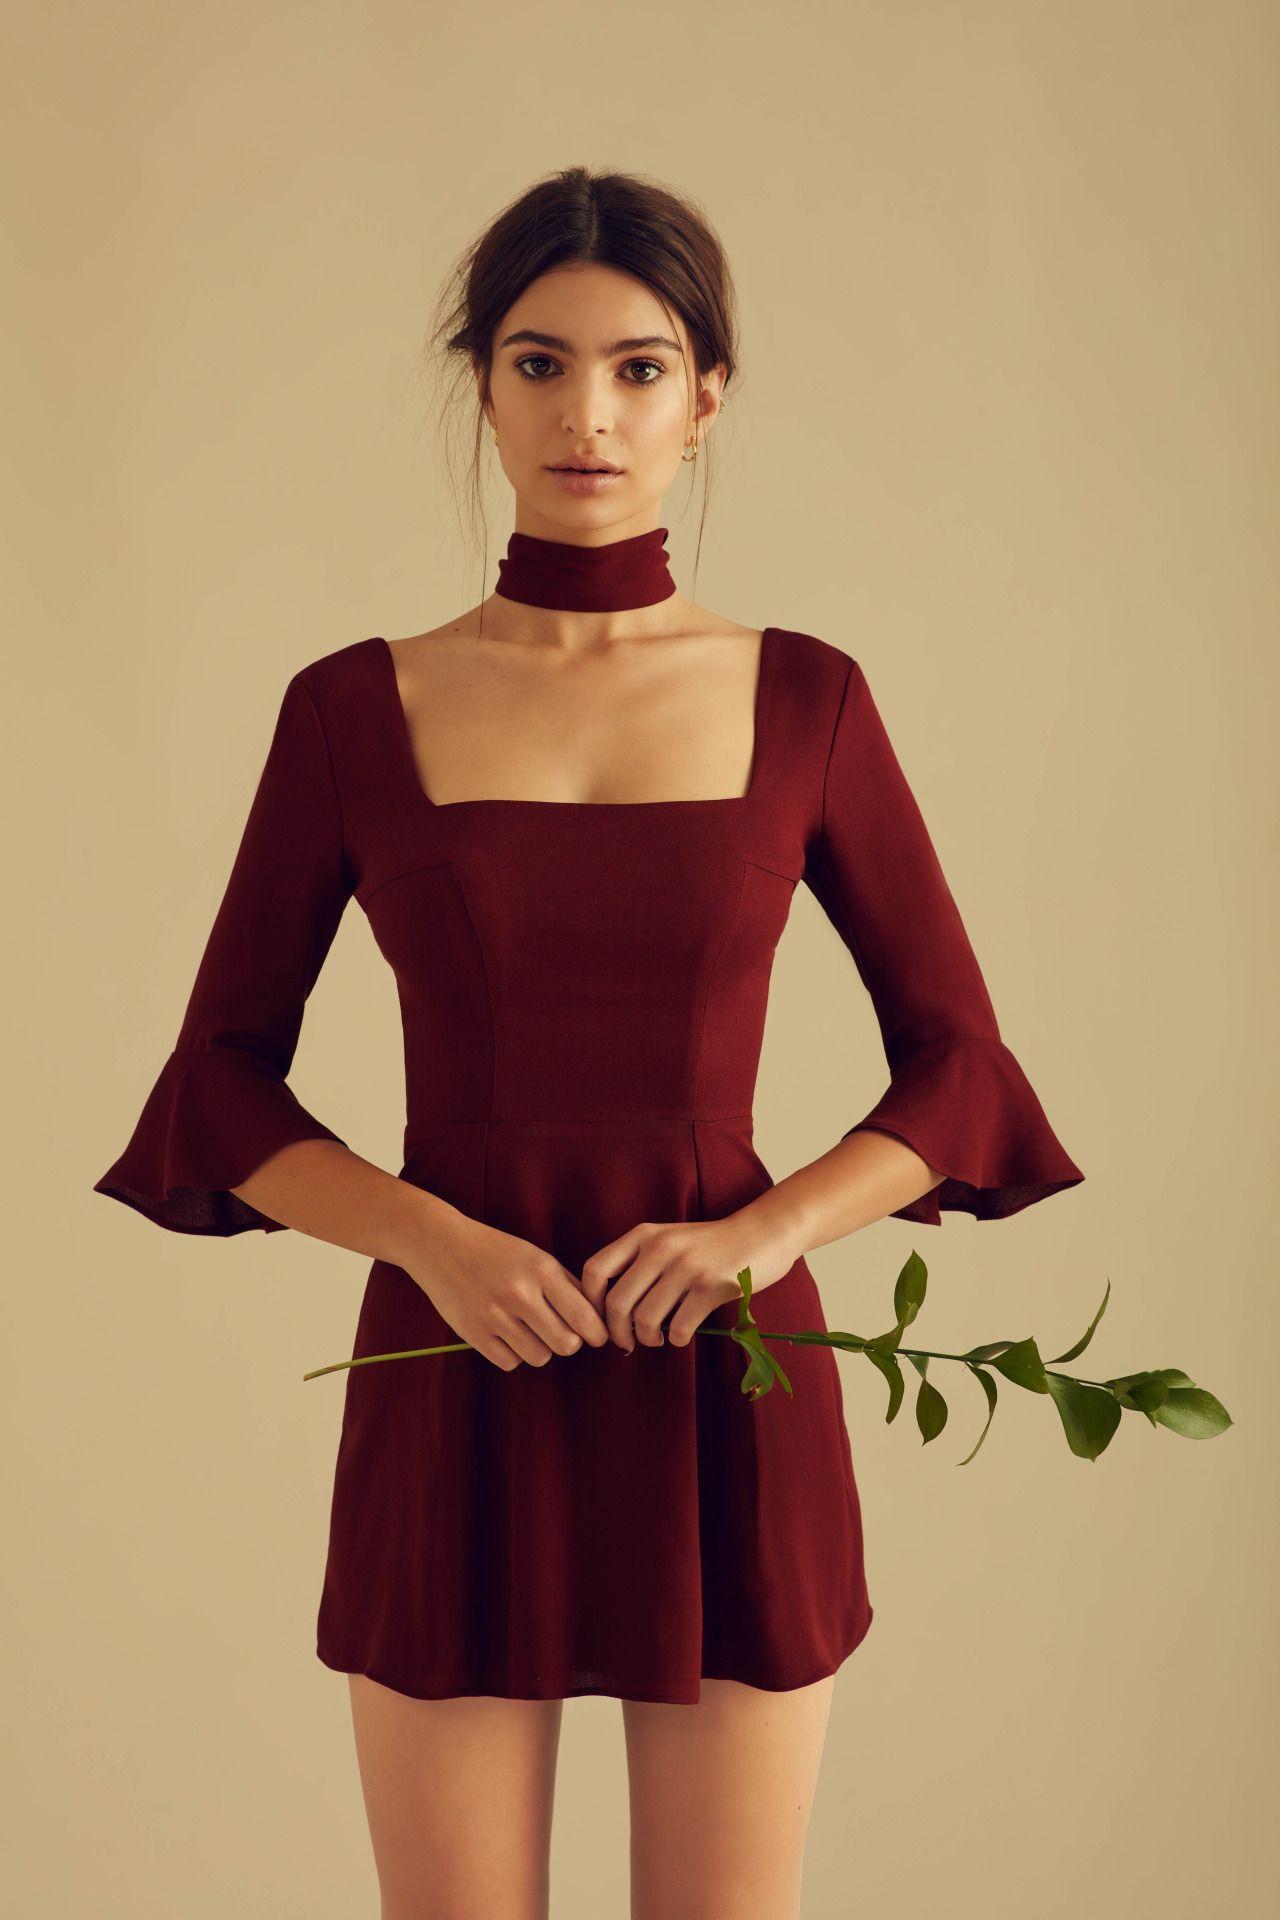 Emily Ratajkowski Is Now a Fashion Designer